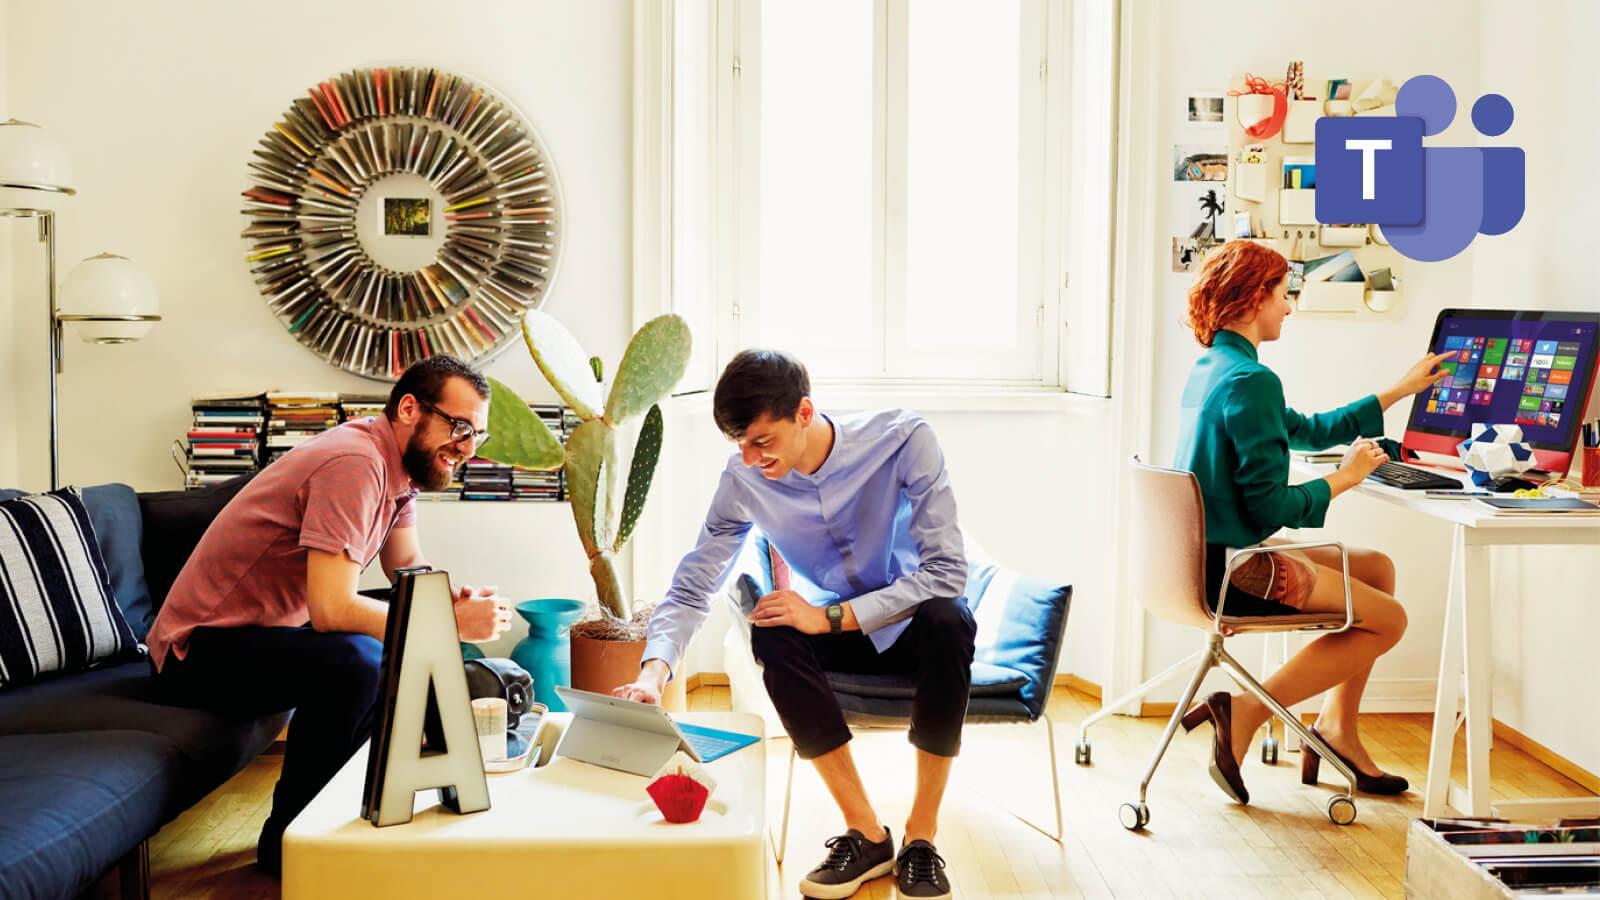 3 kollegaer der arbejder i det samme dokument med de nye udvidelser i Microsoft Teams